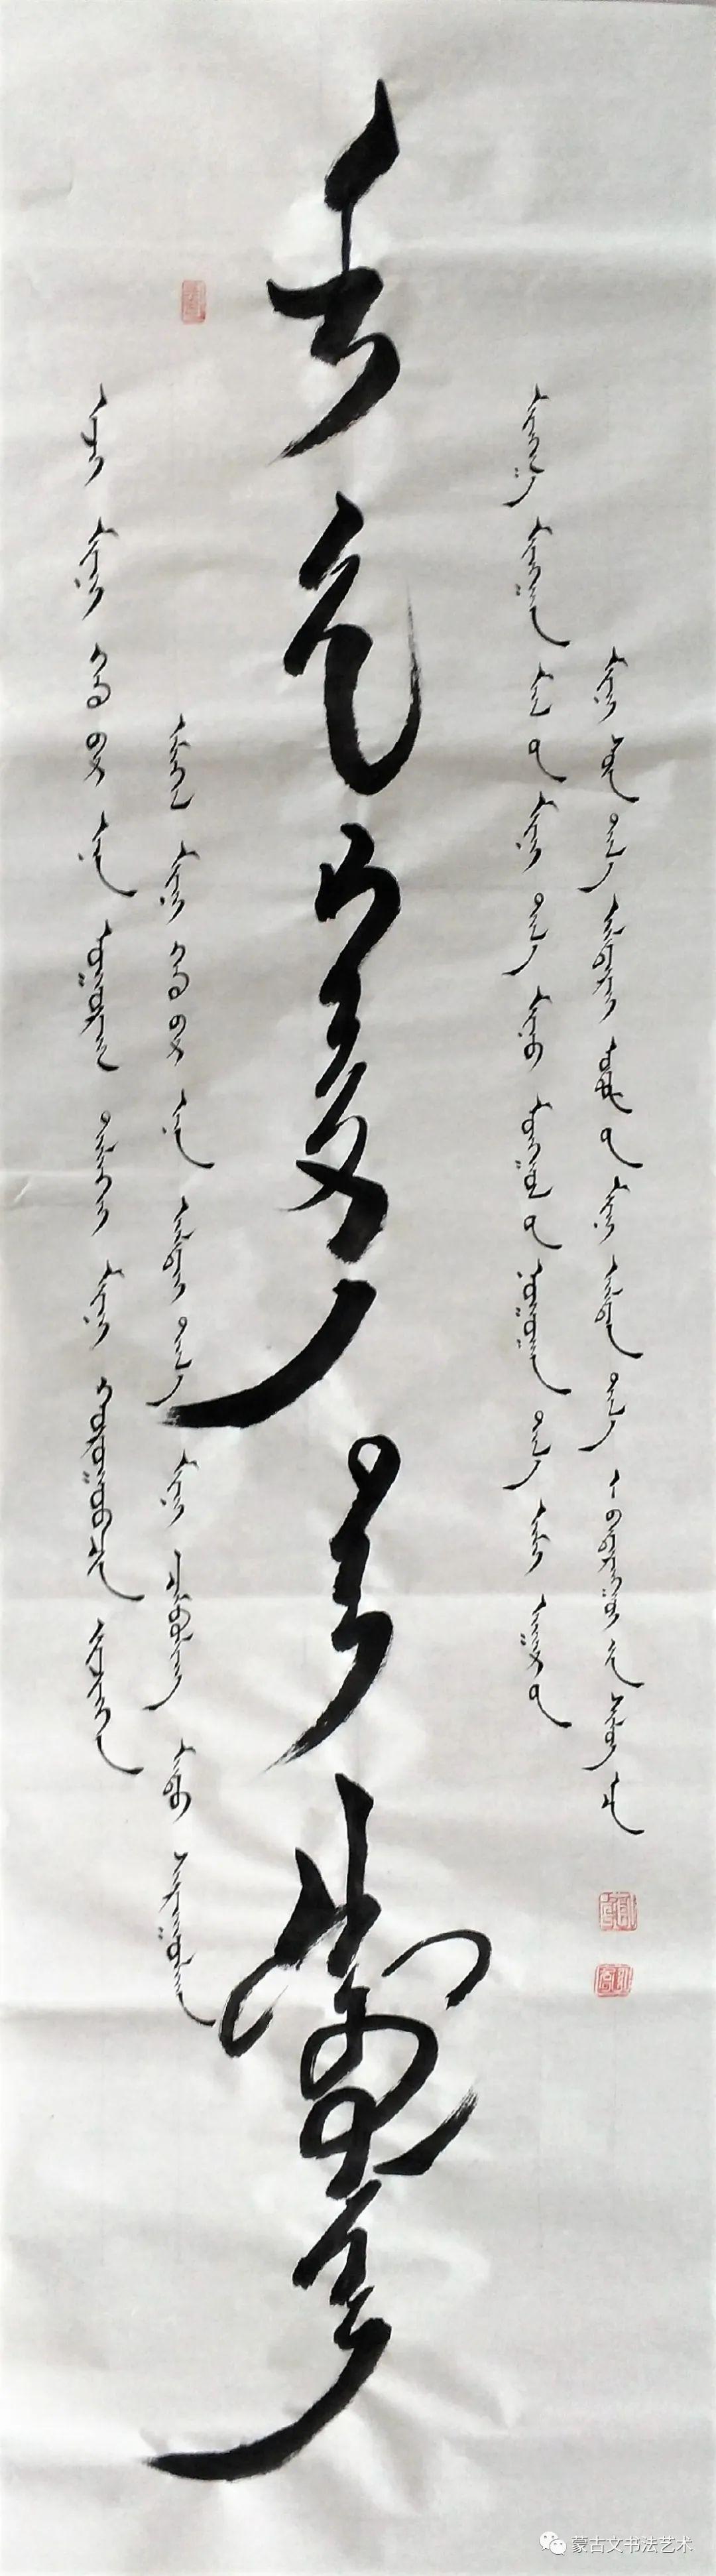 铁龙蒙古文书法 第11张 铁龙蒙古文书法 蒙古书法